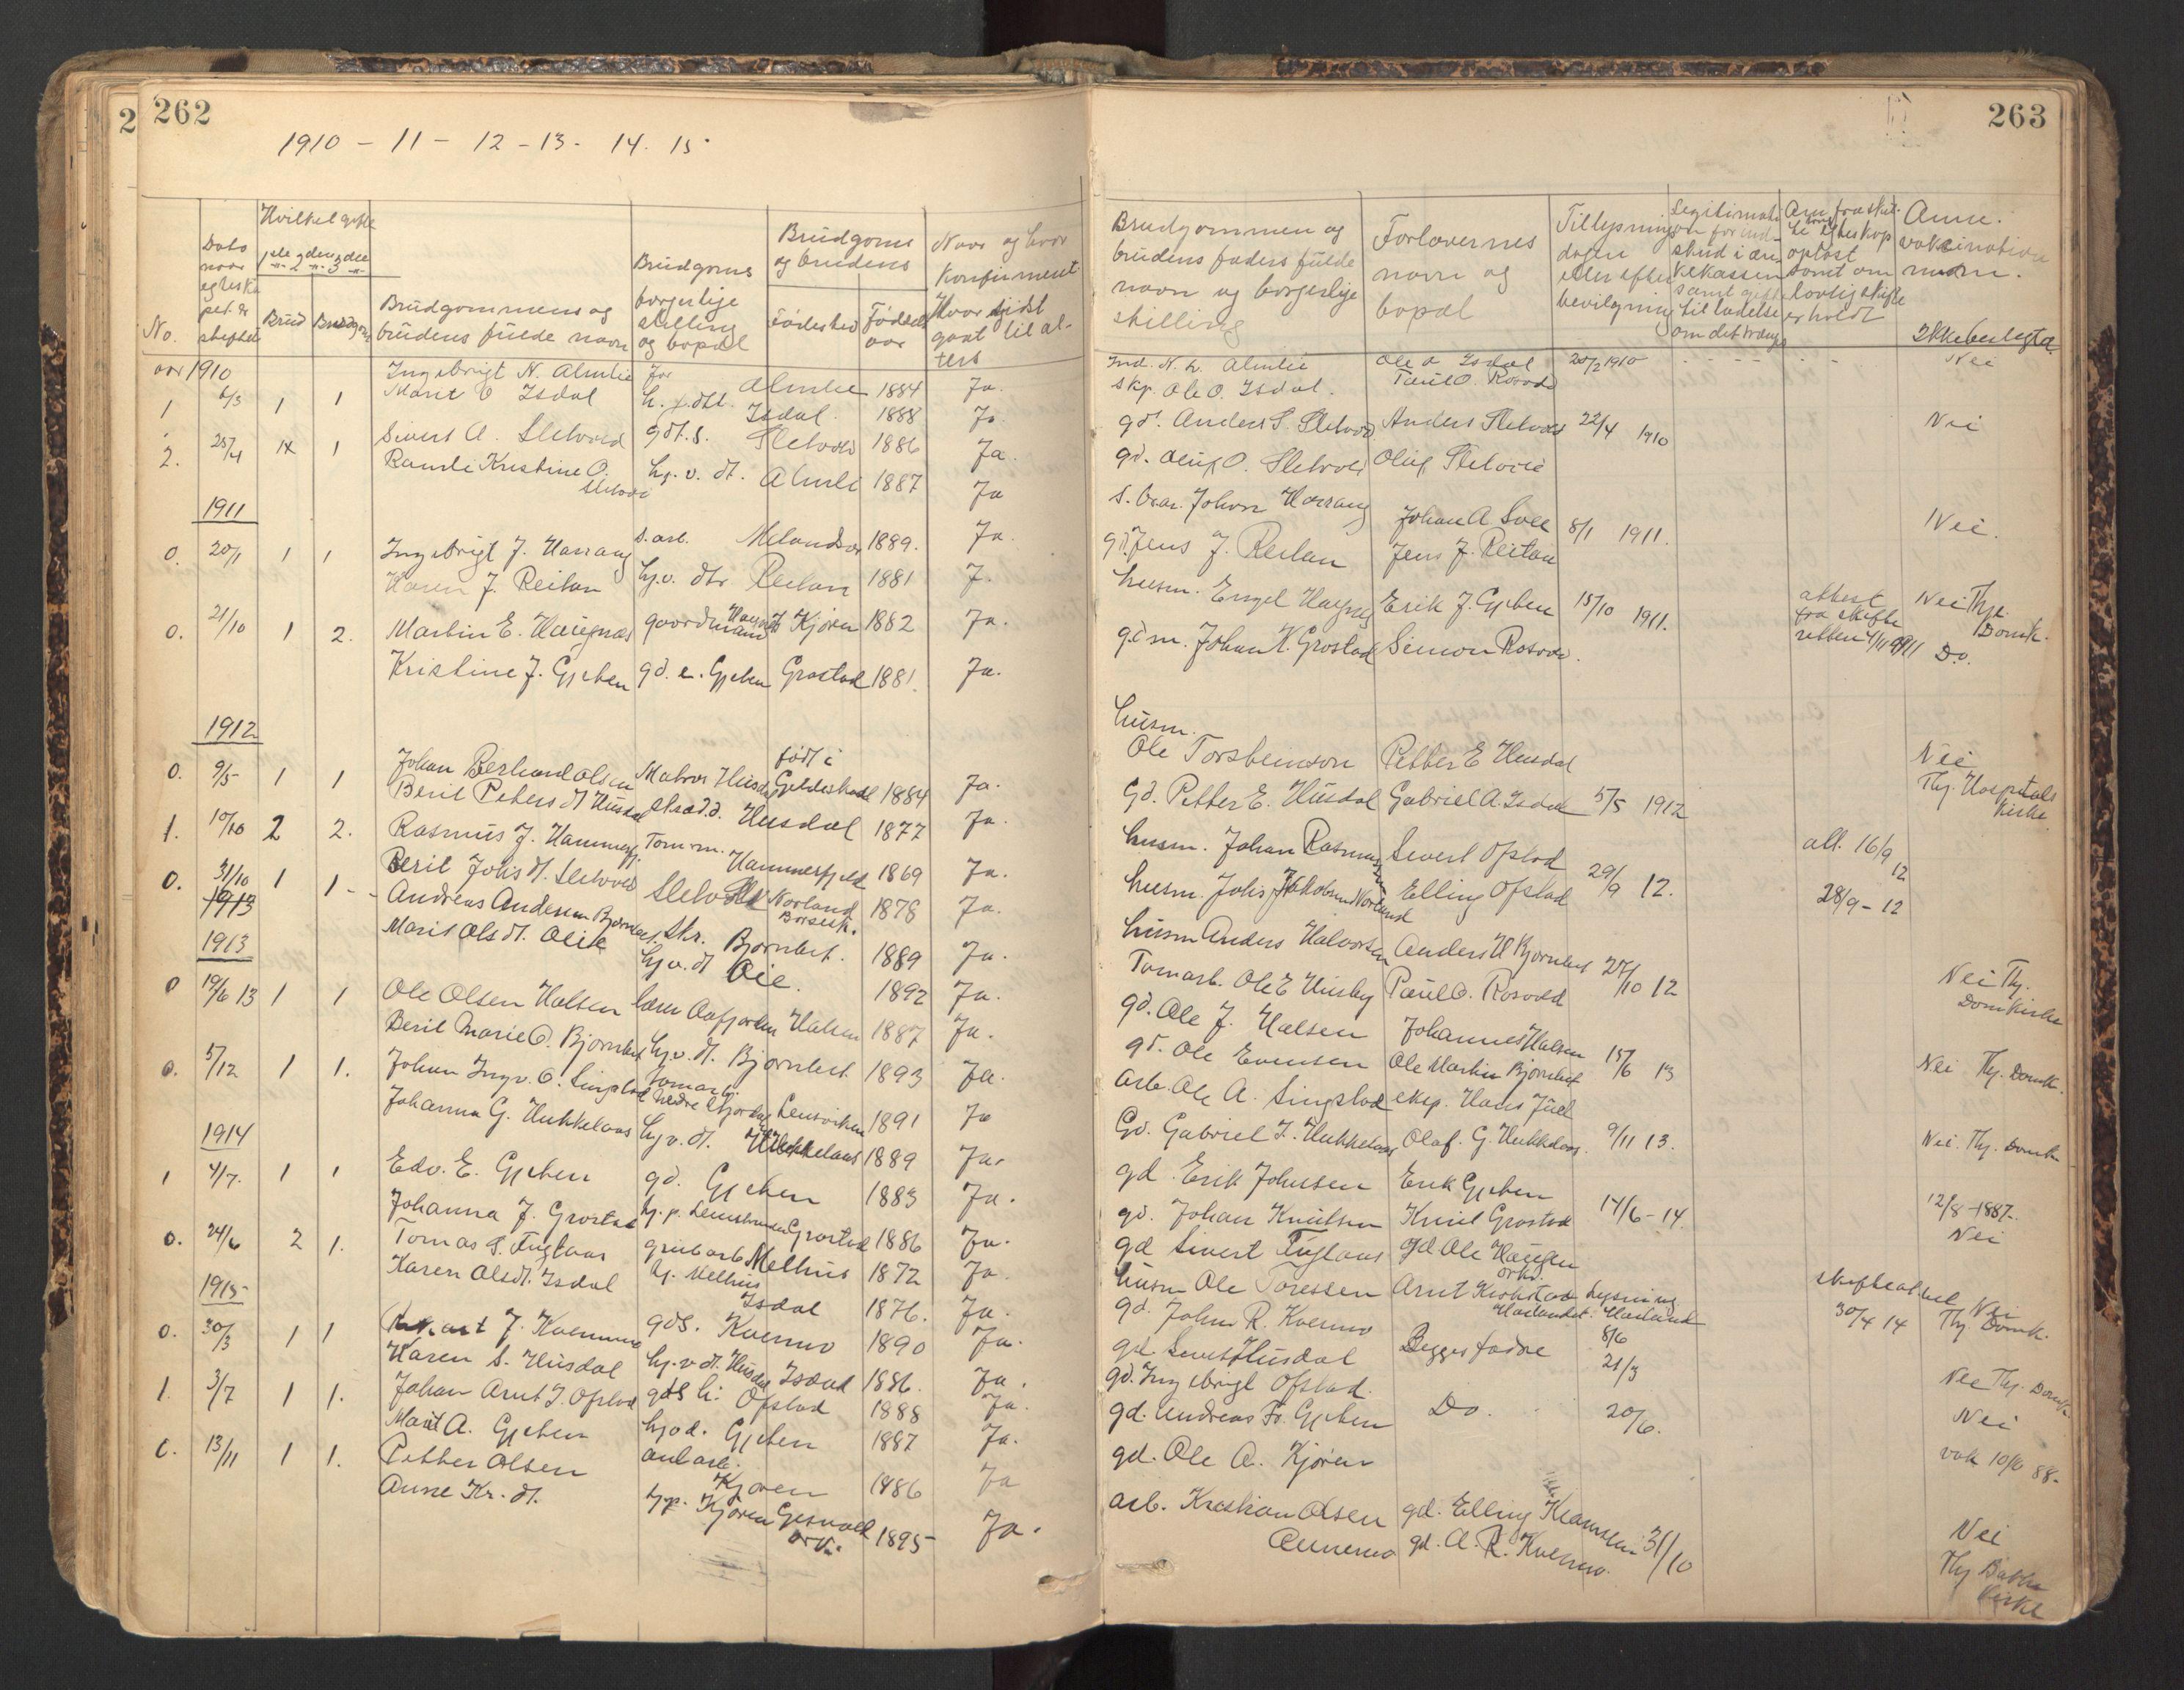 SAT, Ministerialprotokoller, klokkerbøker og fødselsregistre - Sør-Trøndelag, 670/L0837: Klokkerbok nr. 670C01, 1905-1946, s. 262-263